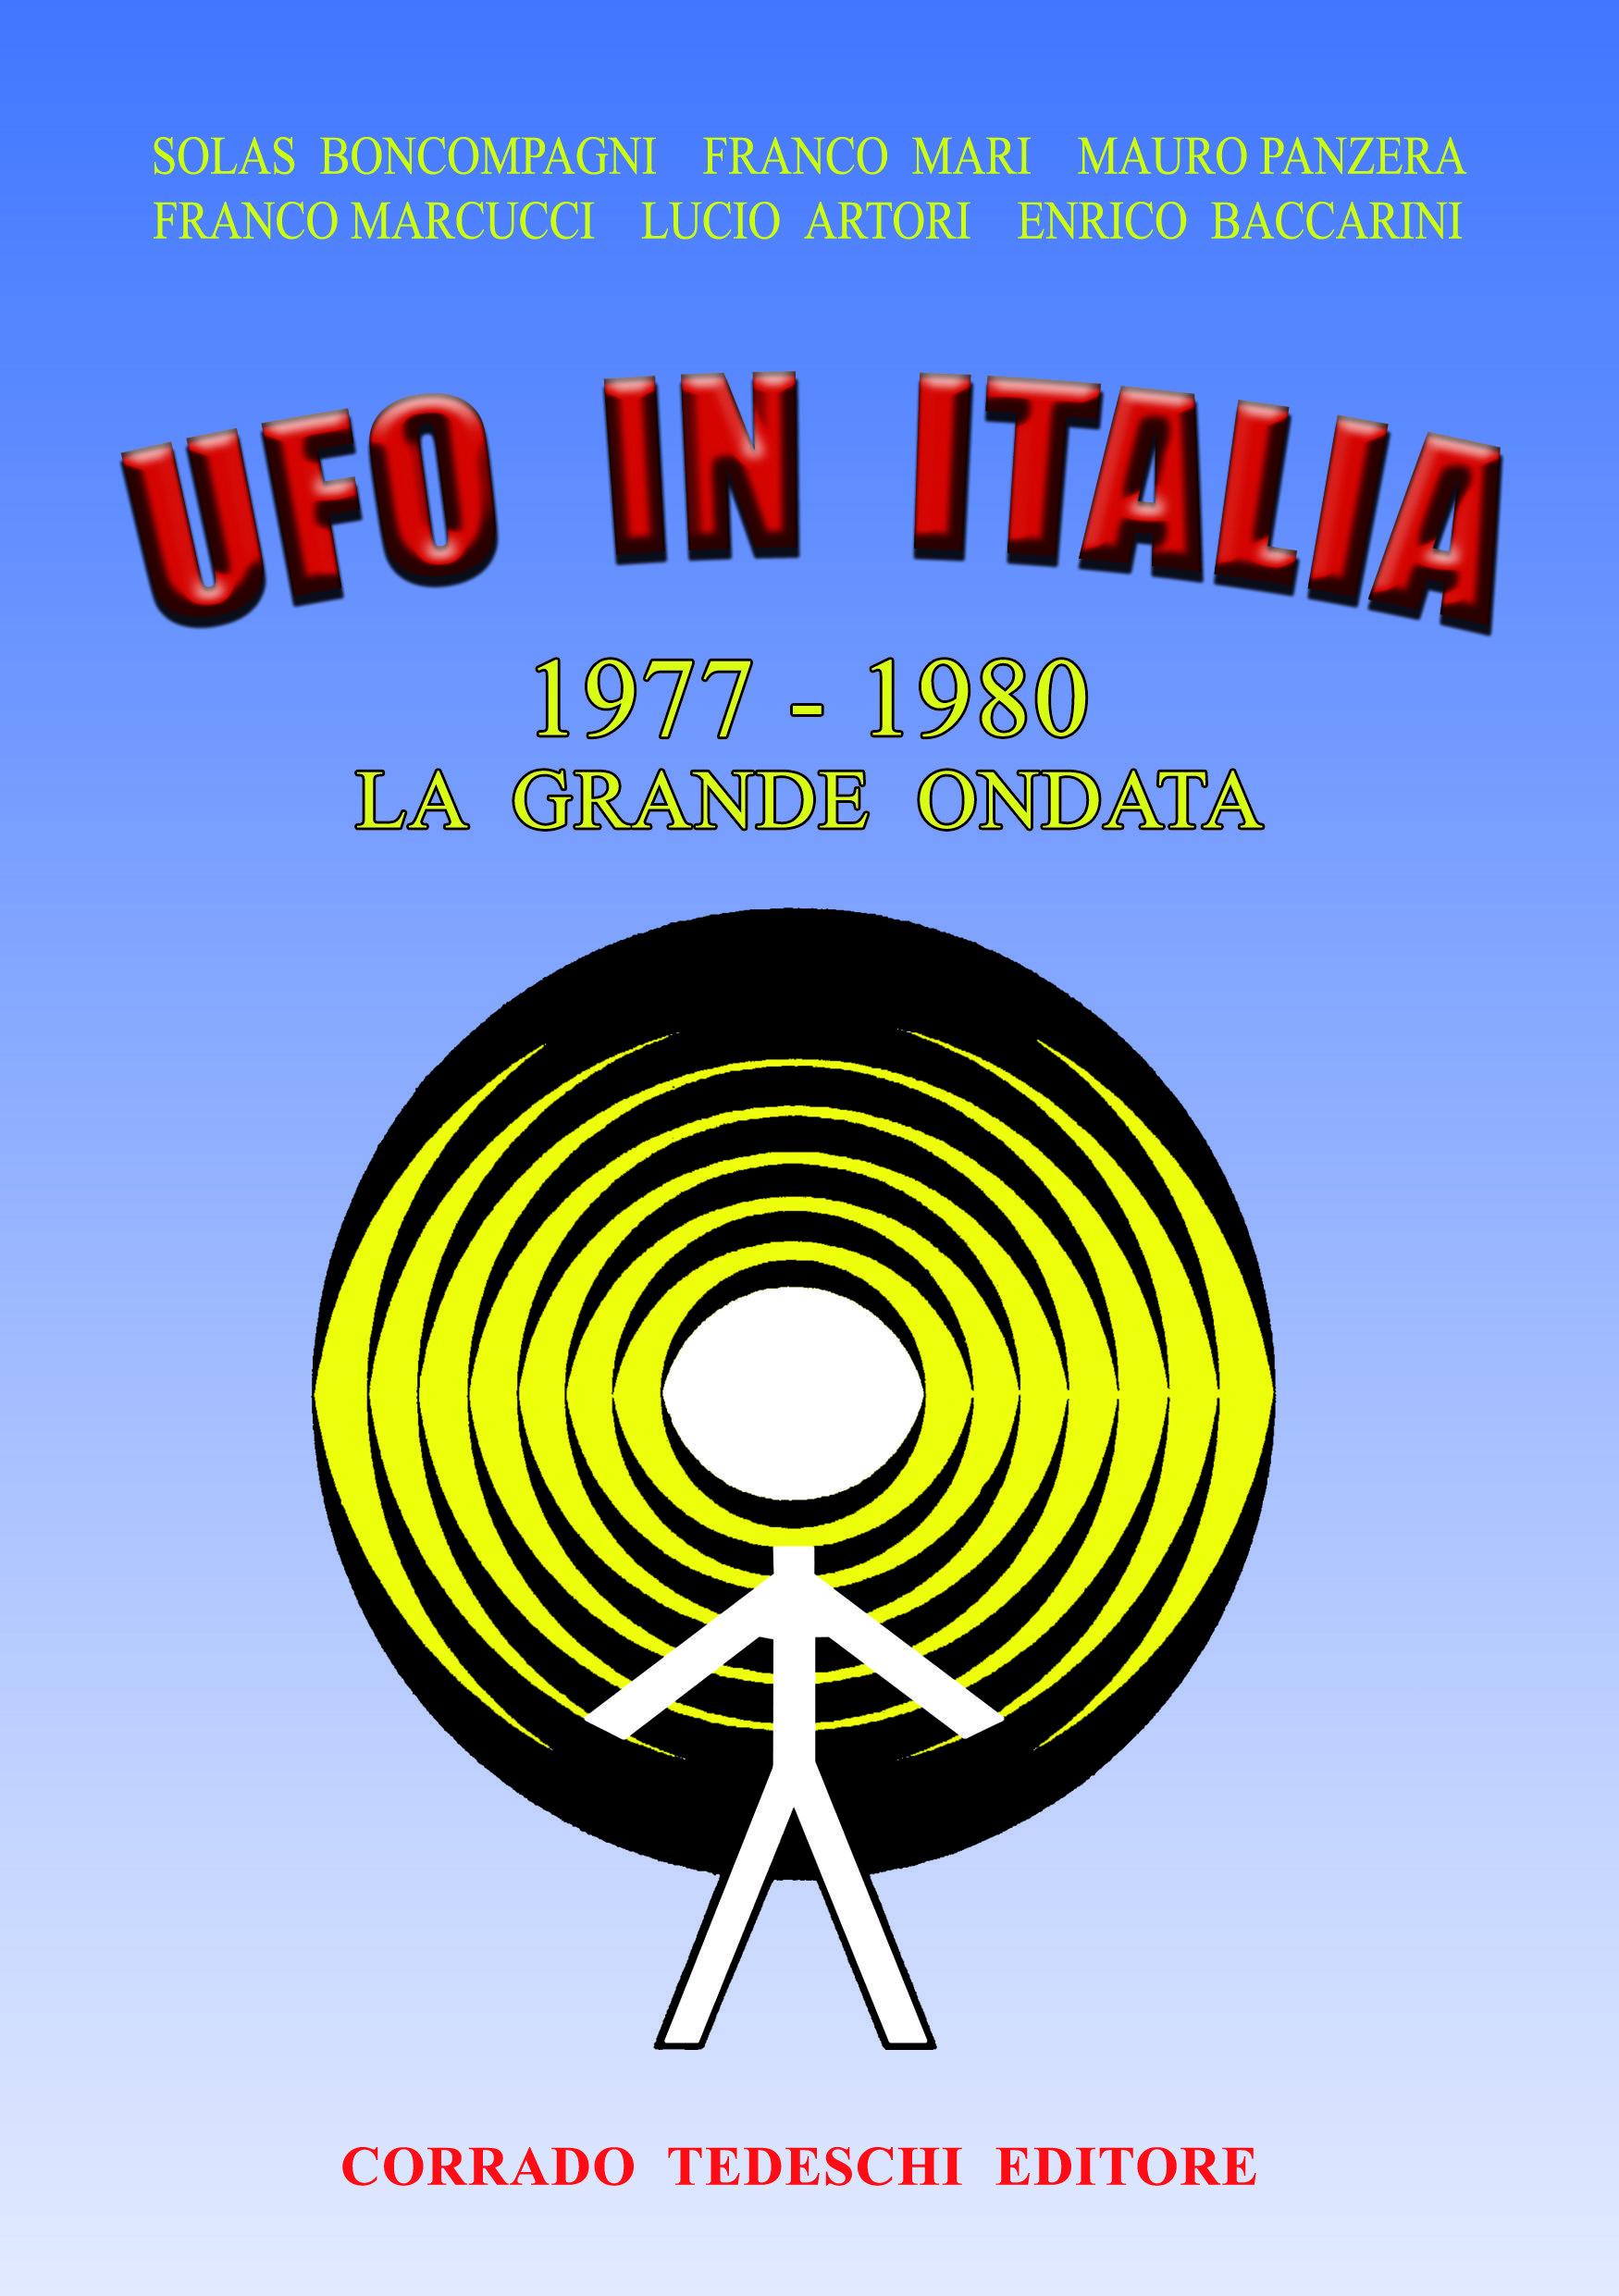 Ufo in Italia 1977-1980 - La grande ondata